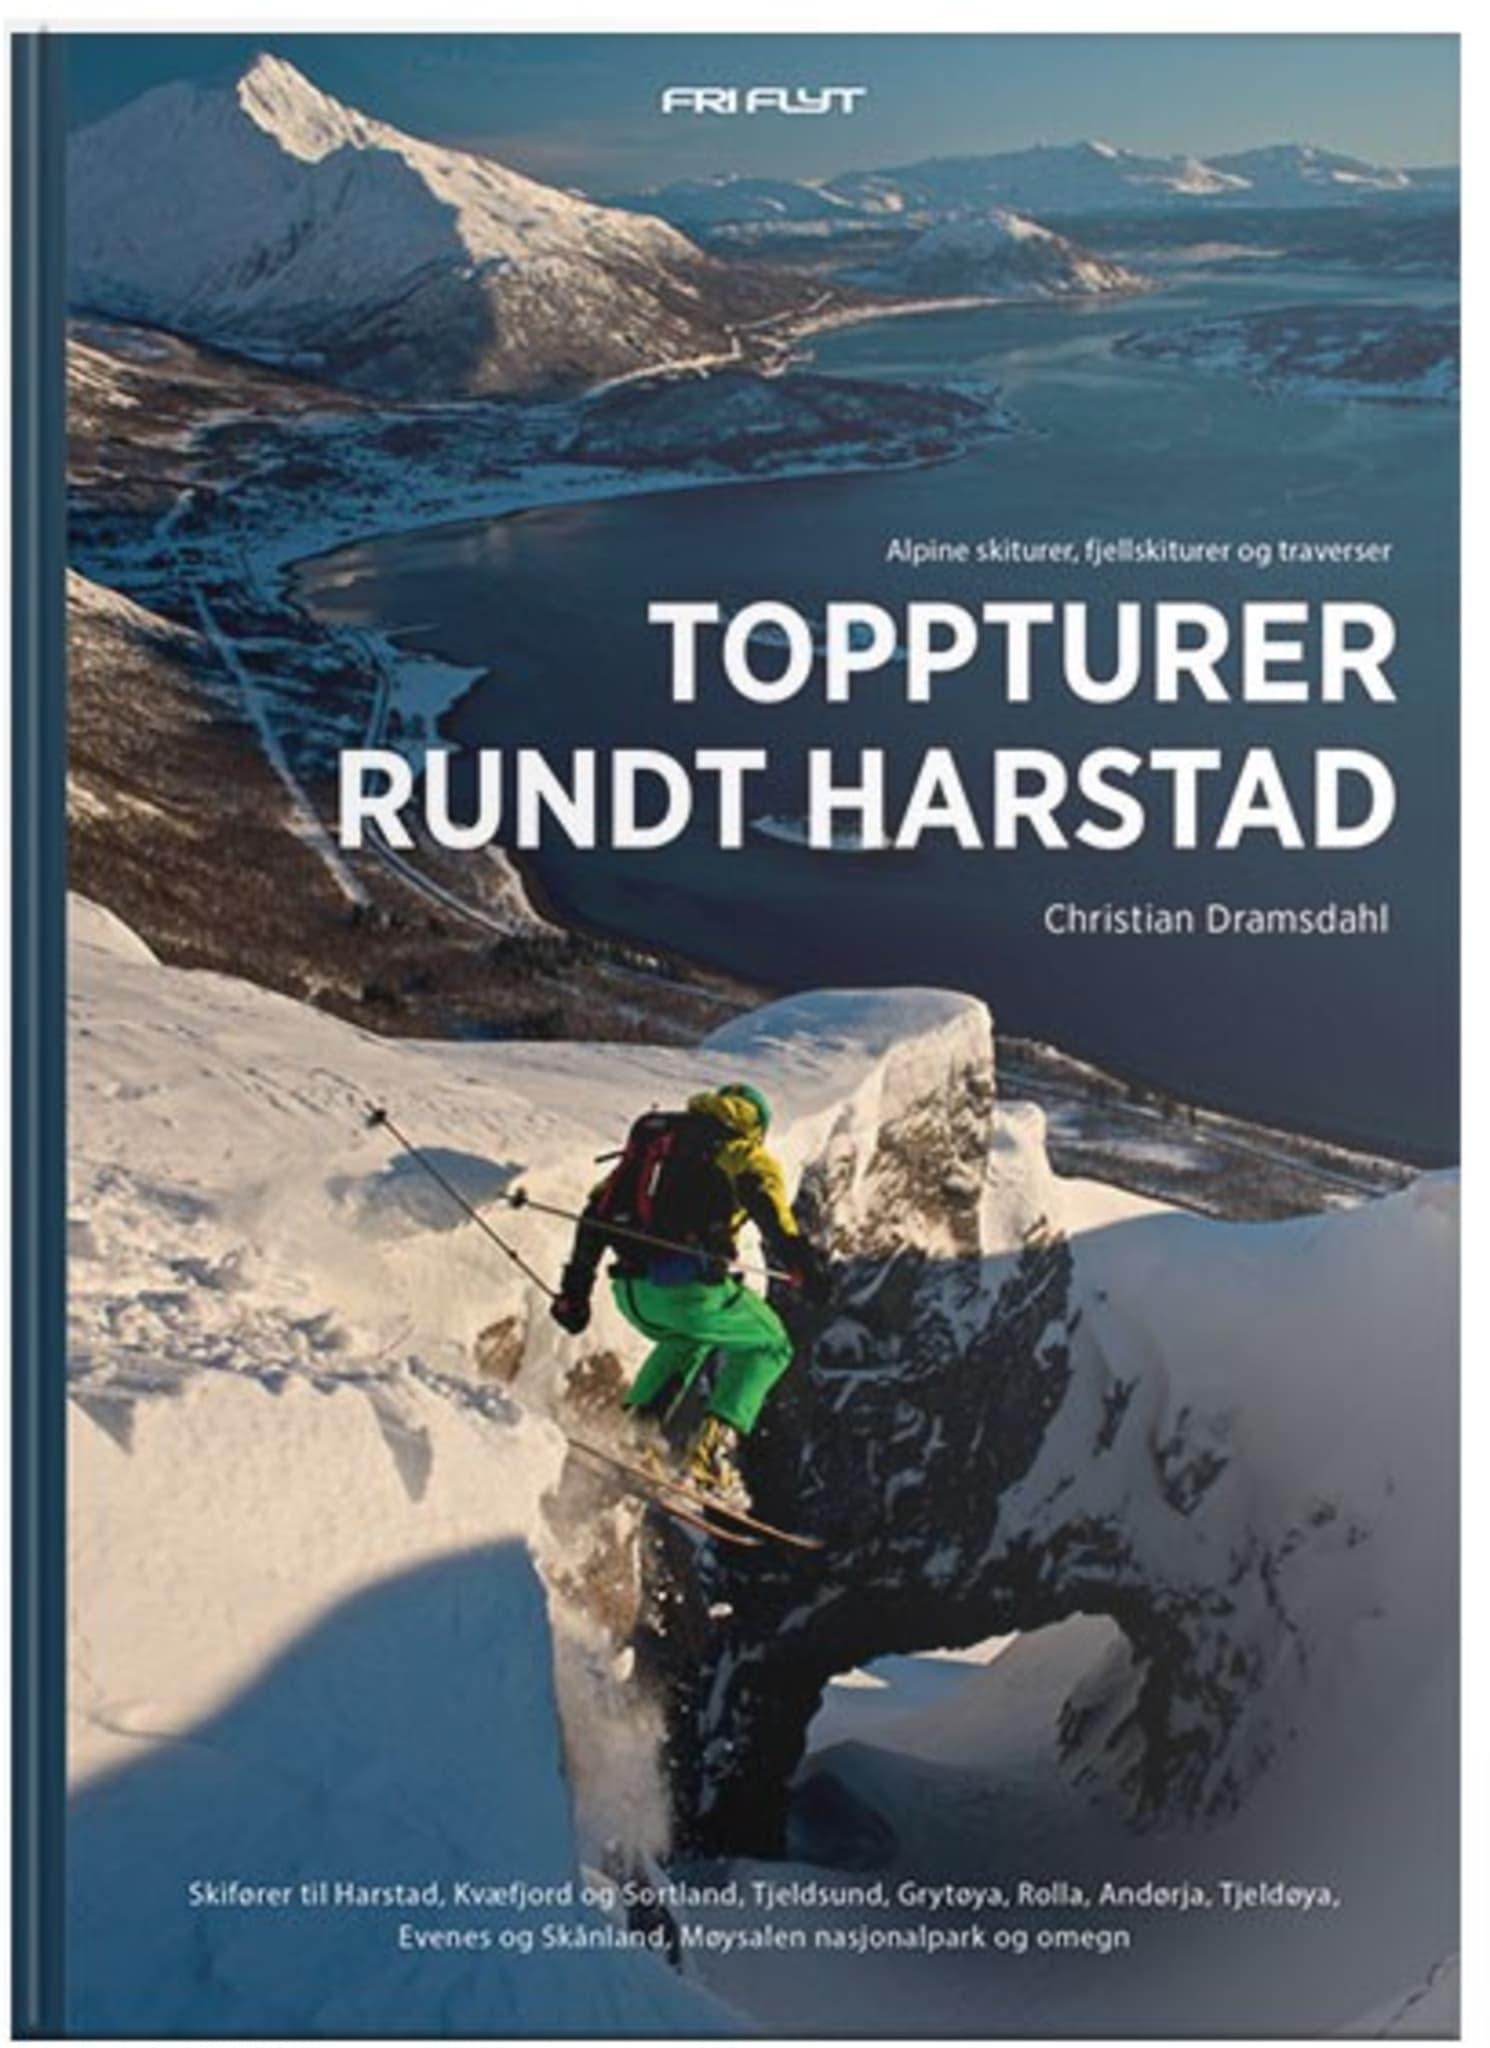 Toppturer rundt Harstad